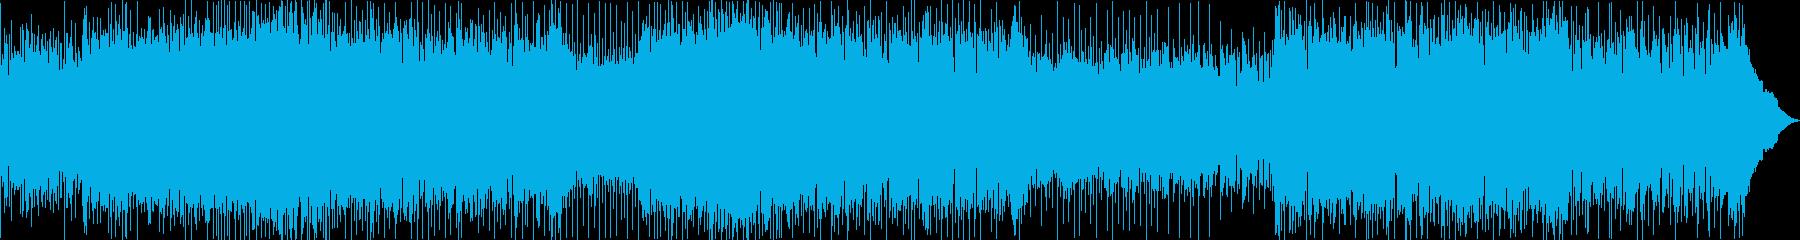 ノリの良い派手なギターロック曲の再生済みの波形